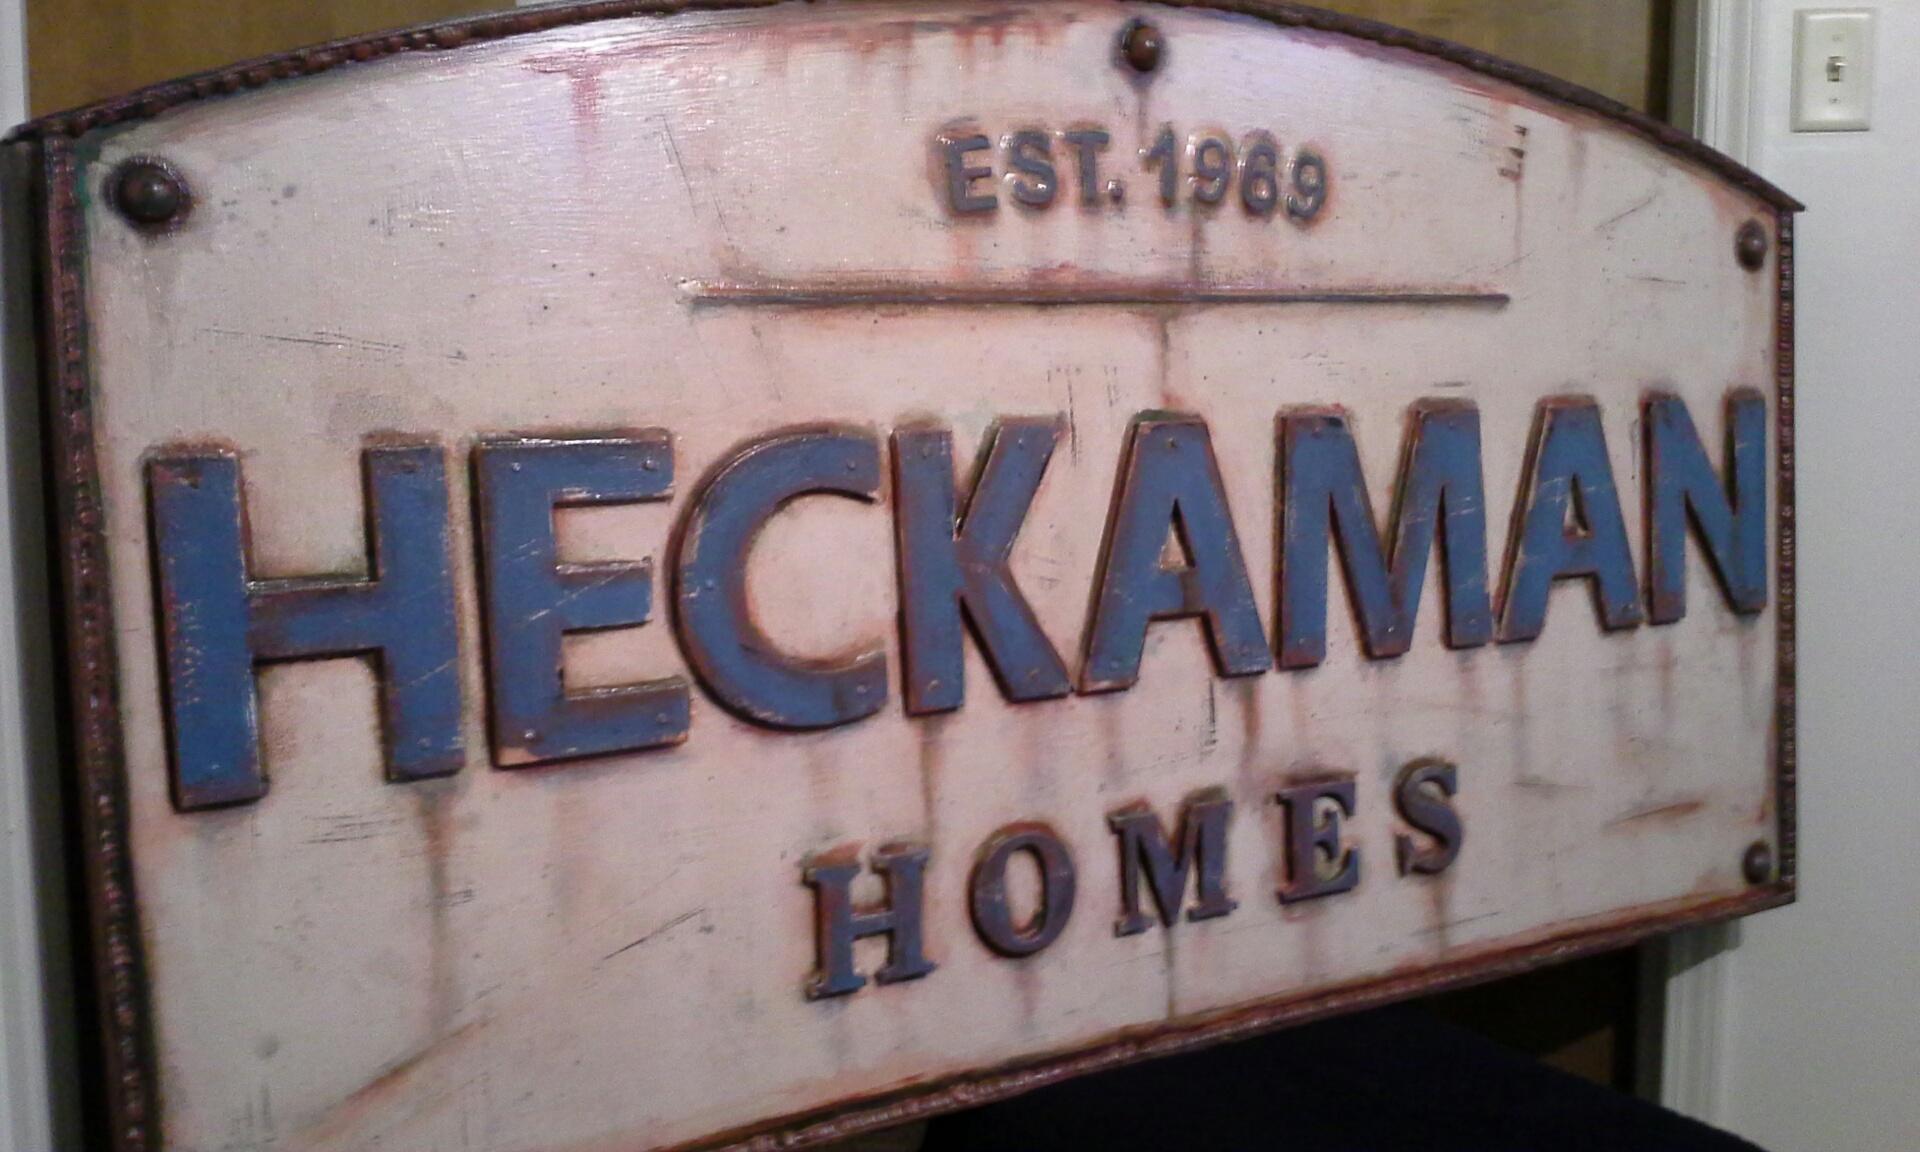 Heckaman Homes sign